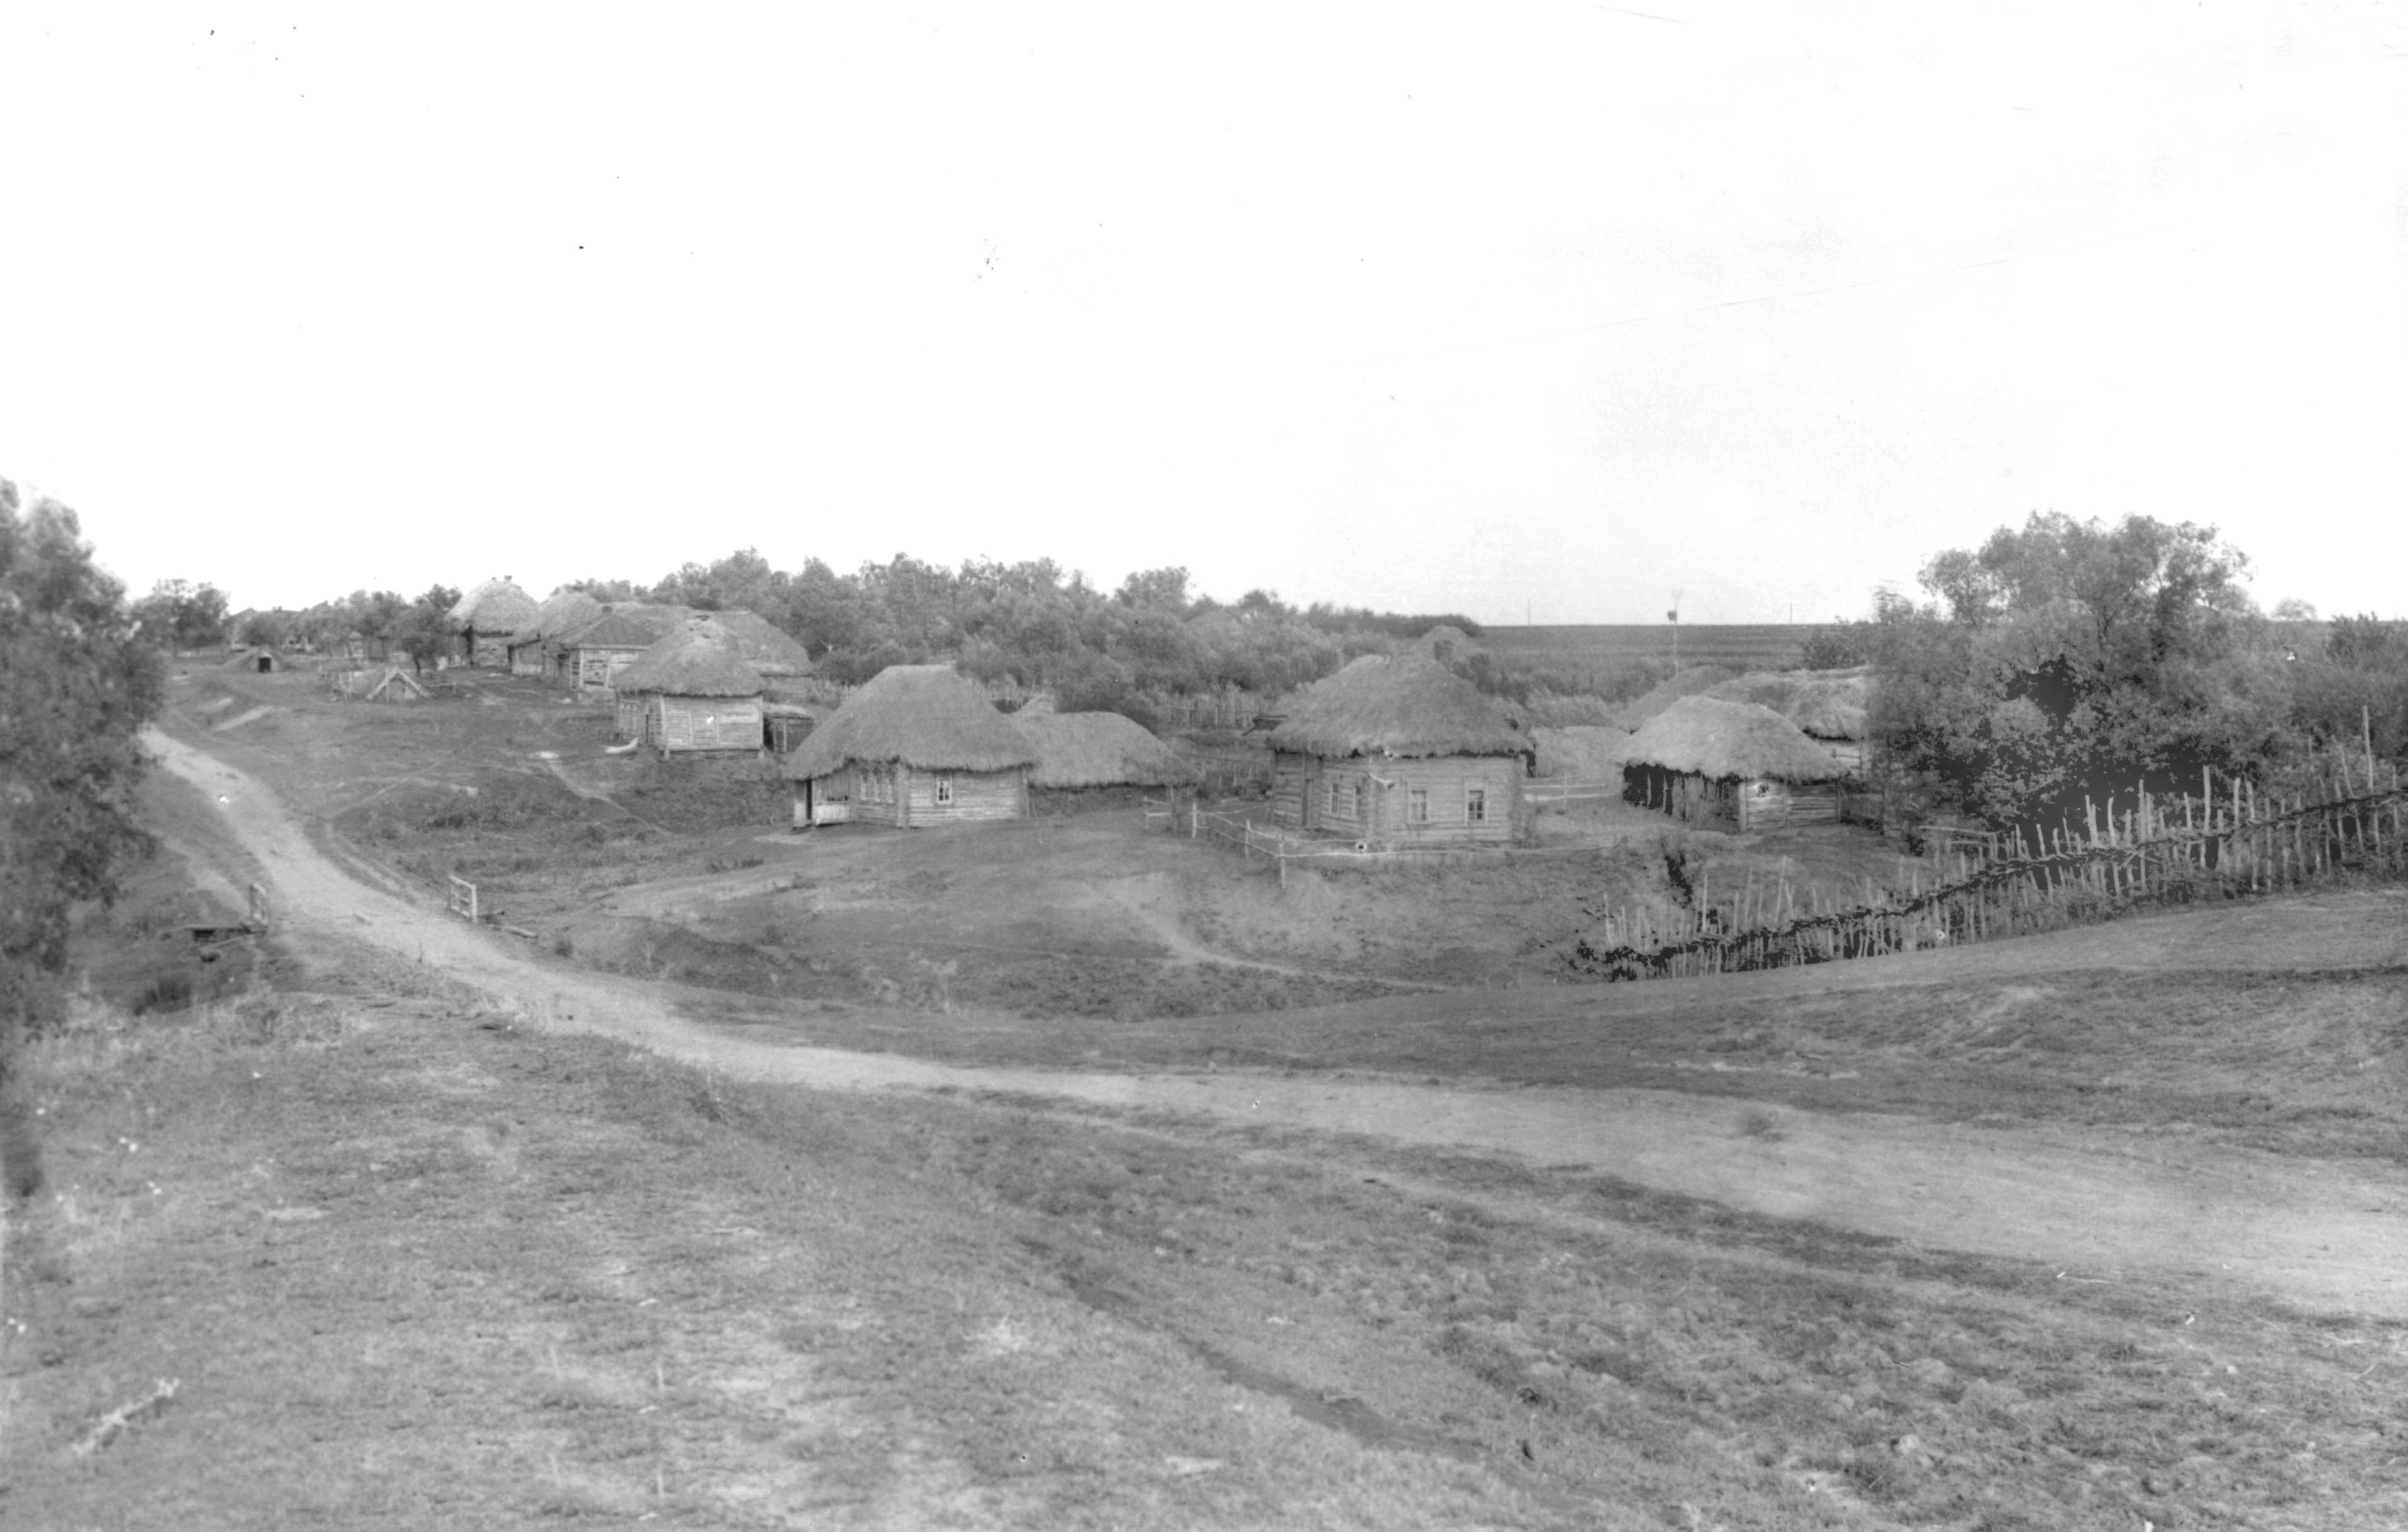 Вид на улицу Бугор с плотины Среднего пруда. Фотография В.Г. Чудинова. 1938 г.